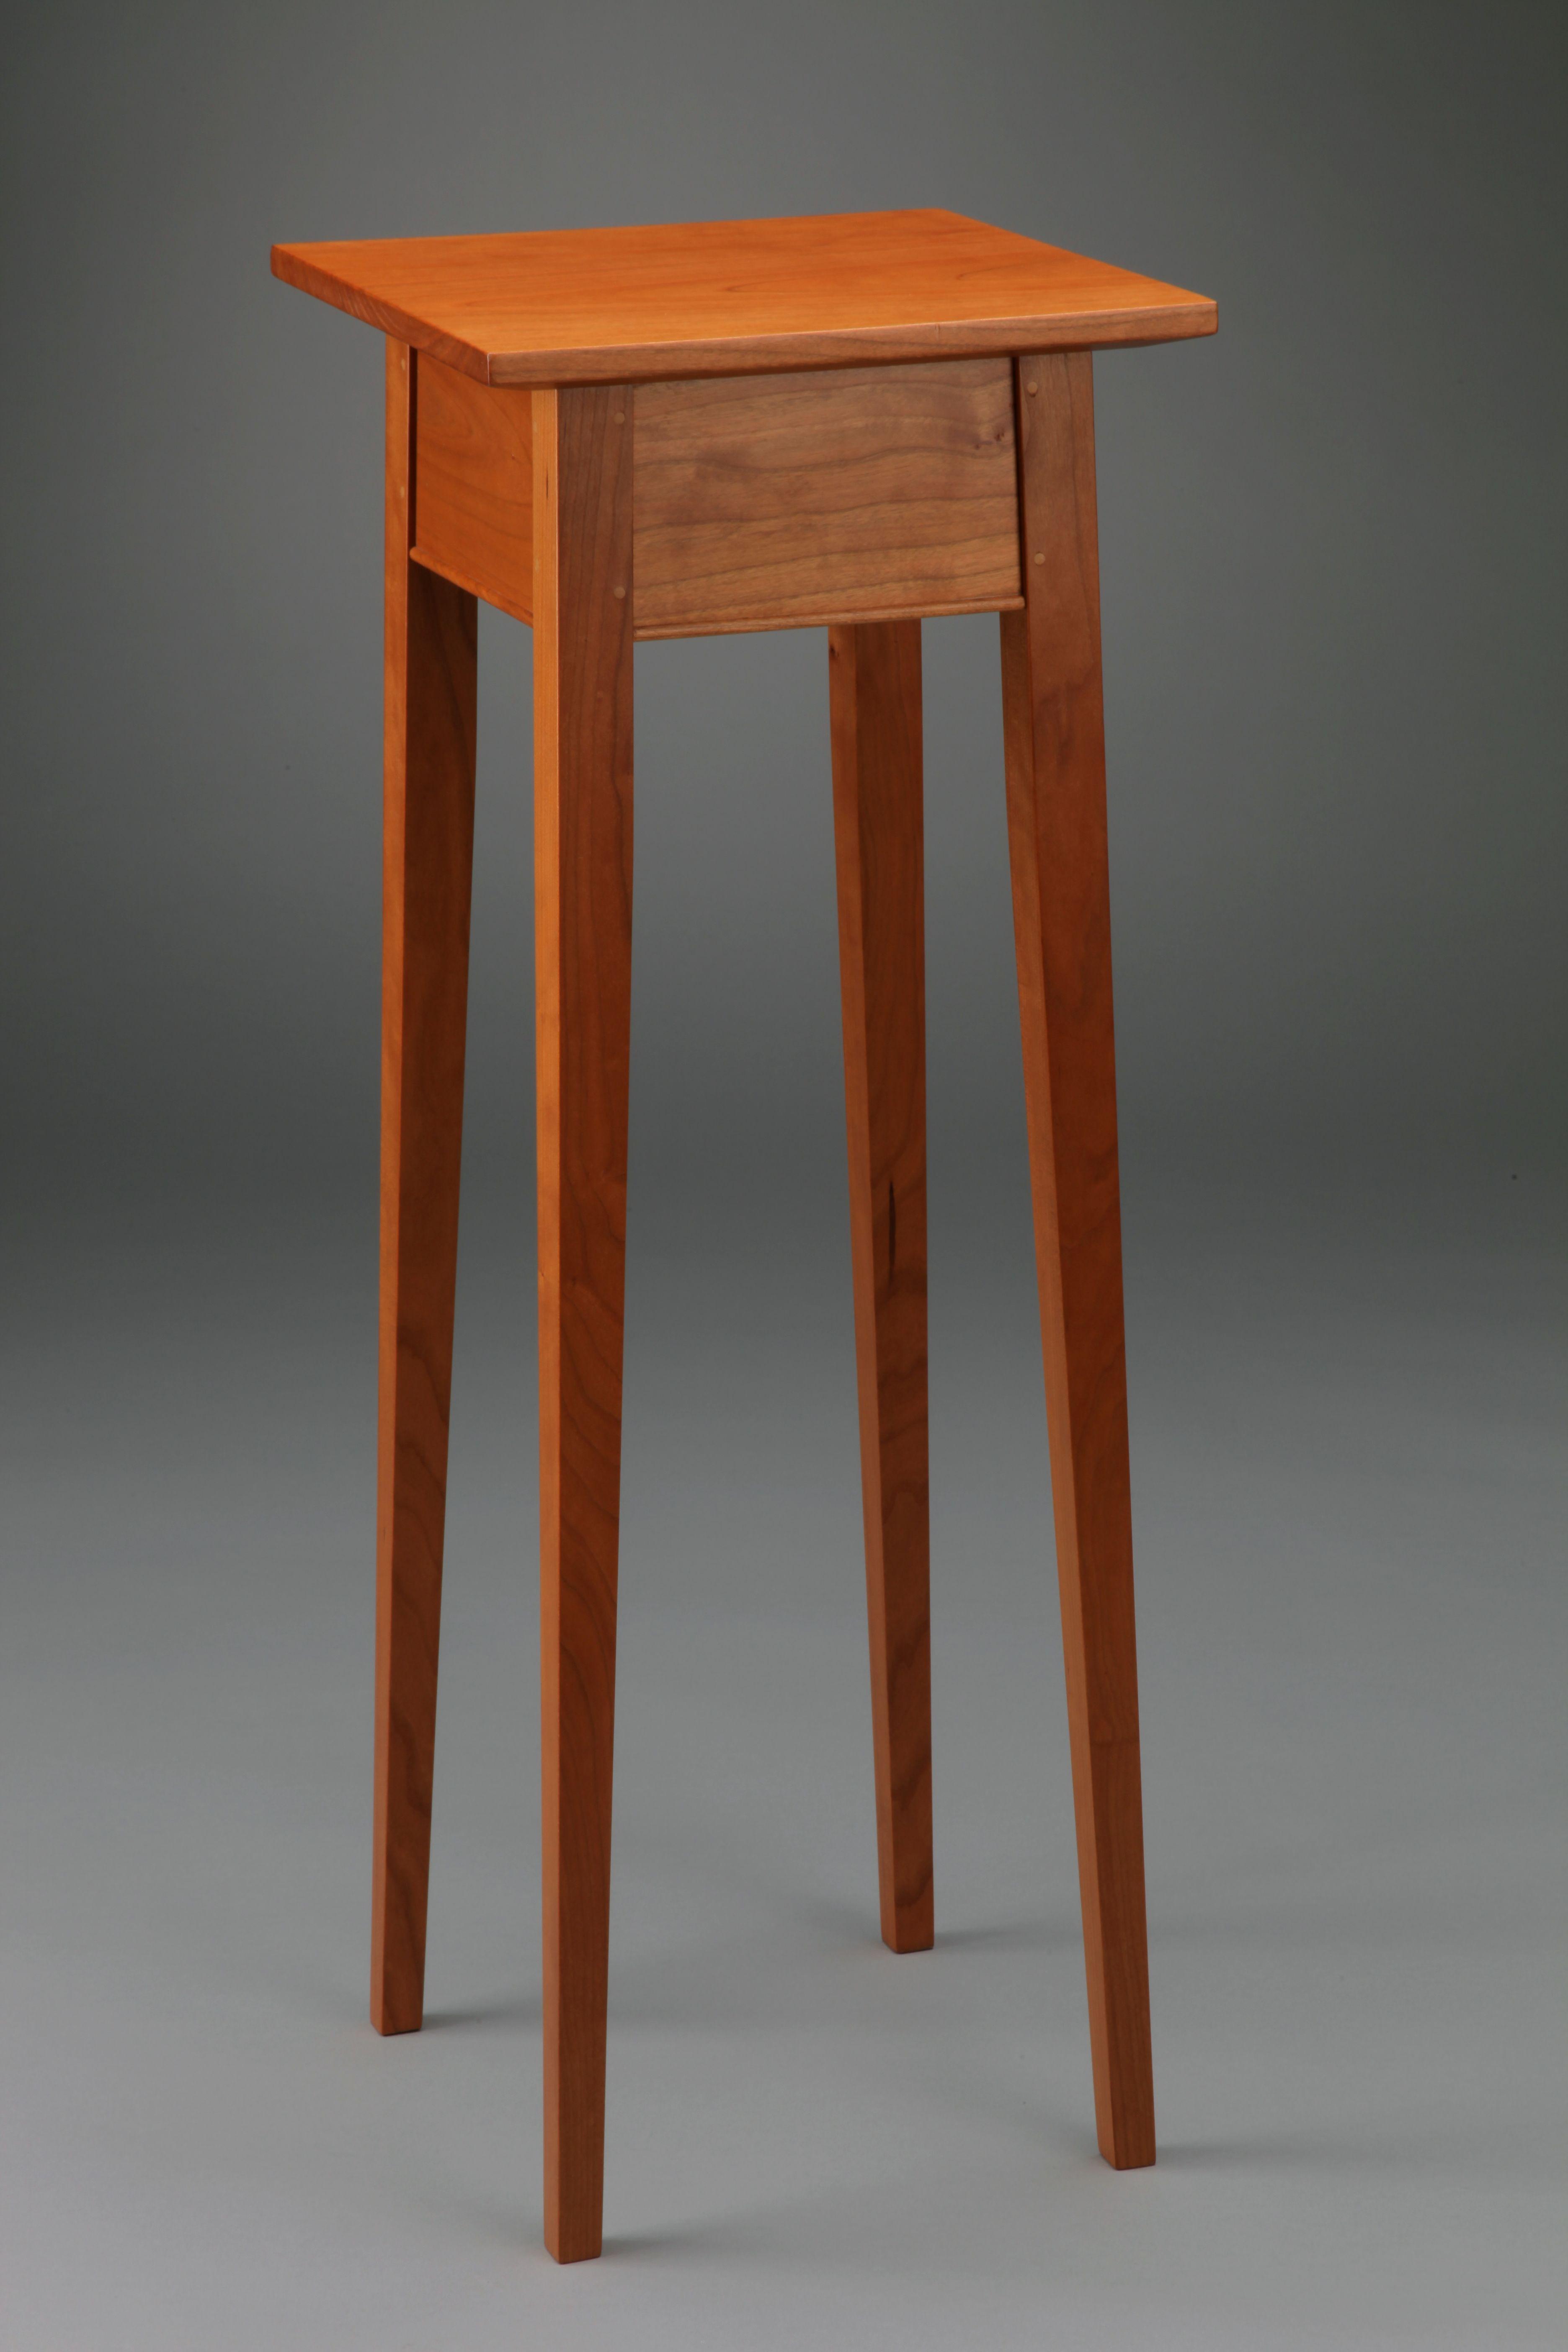 Pin Thomas William Furniture